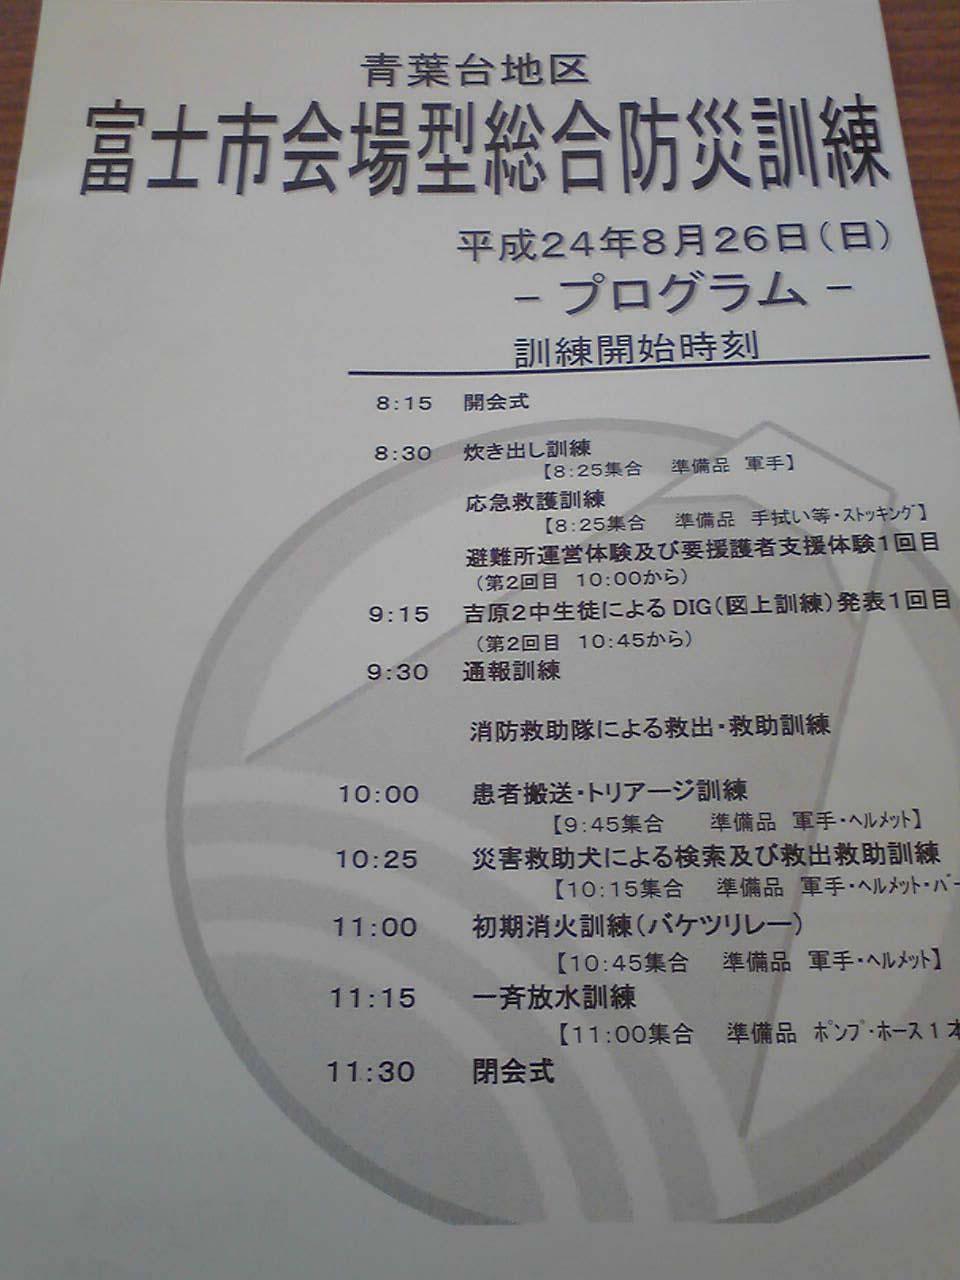 青葉台小で富士市会場型総合防災訓練_f0141310_7564033.jpg